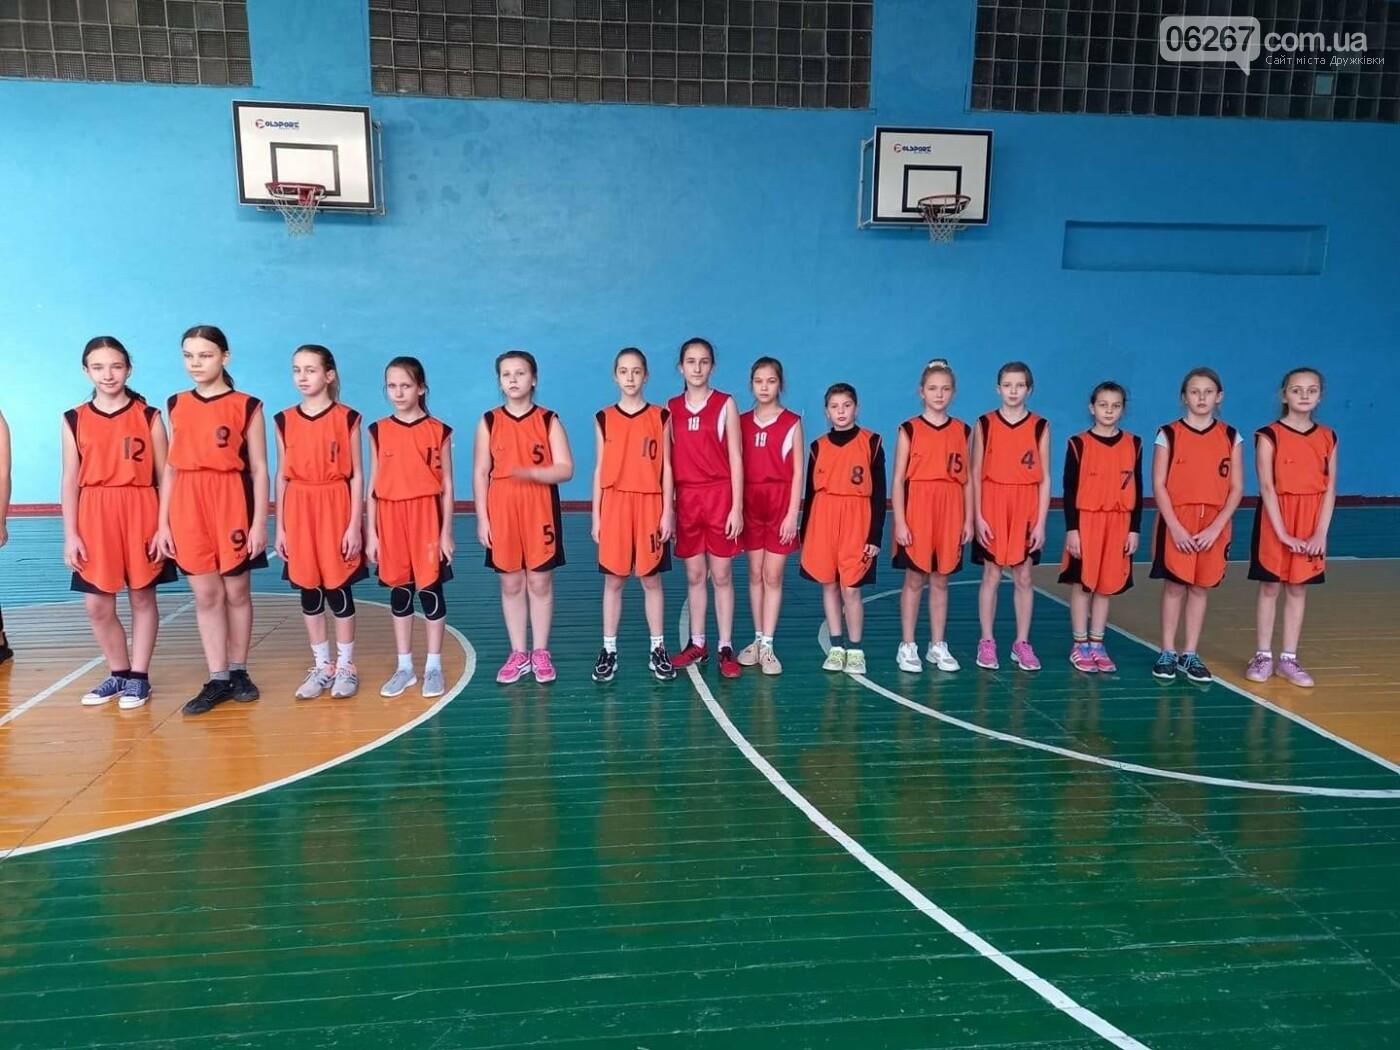 Дружківська команда дівчат перемогла у Чеміонаті Донецької області з баскетболу, фото-1